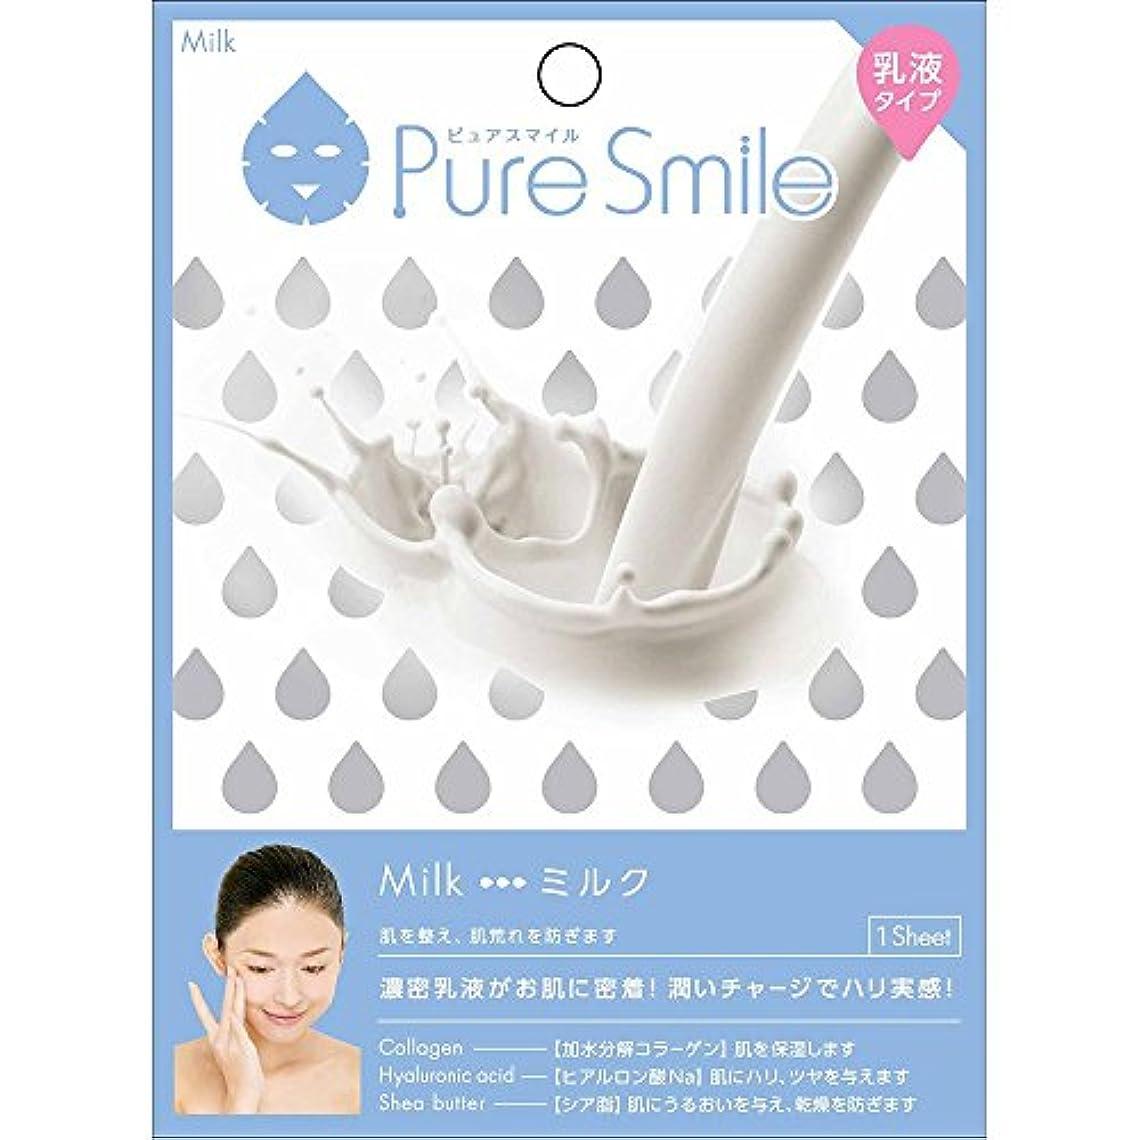 チーター余剰コールPure Smile(ピュアスマイル) 乳液エッセンスマスク 1 枚 ミルク